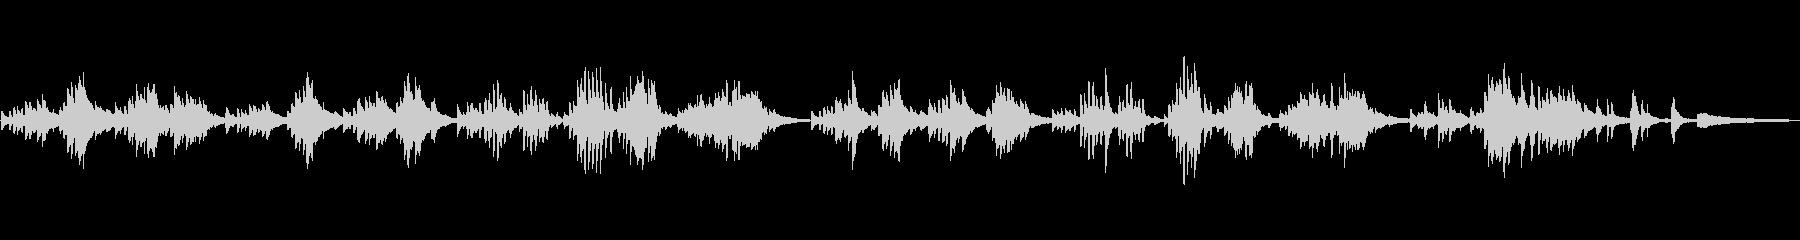 ワルツの未再生の波形